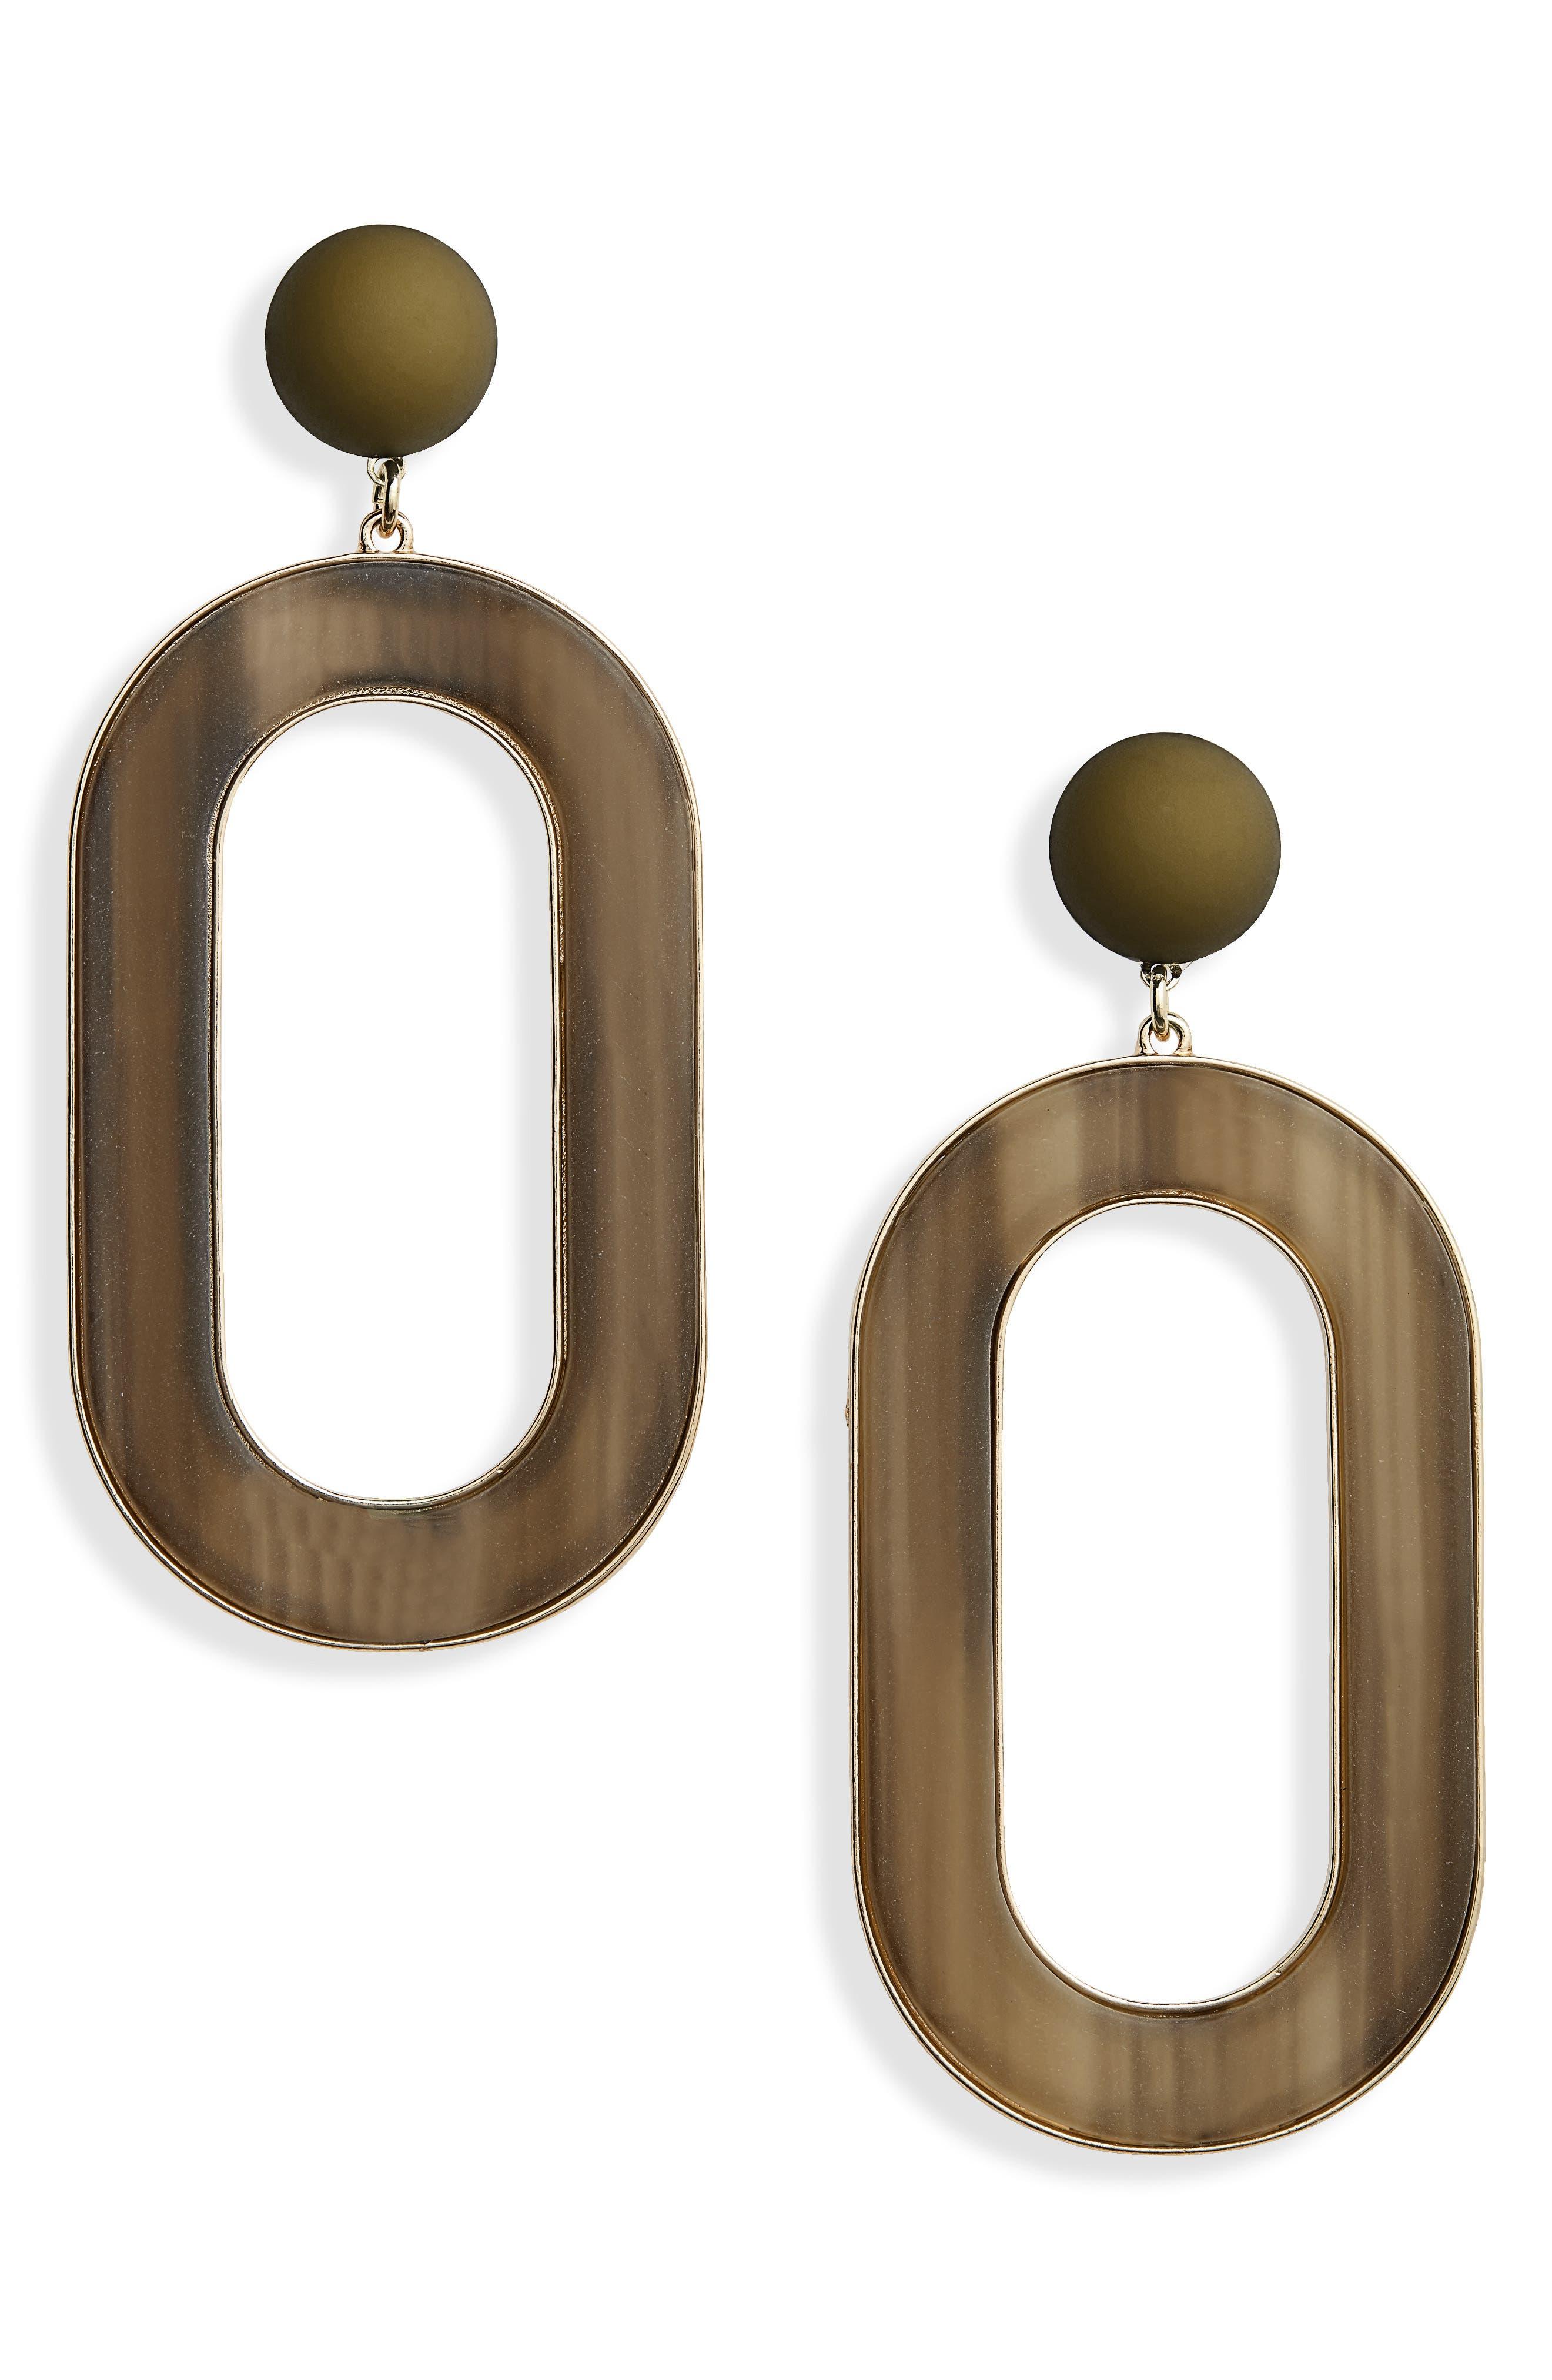 Resin & Metal Statement Earrings,                             Main thumbnail 1, color,                             300